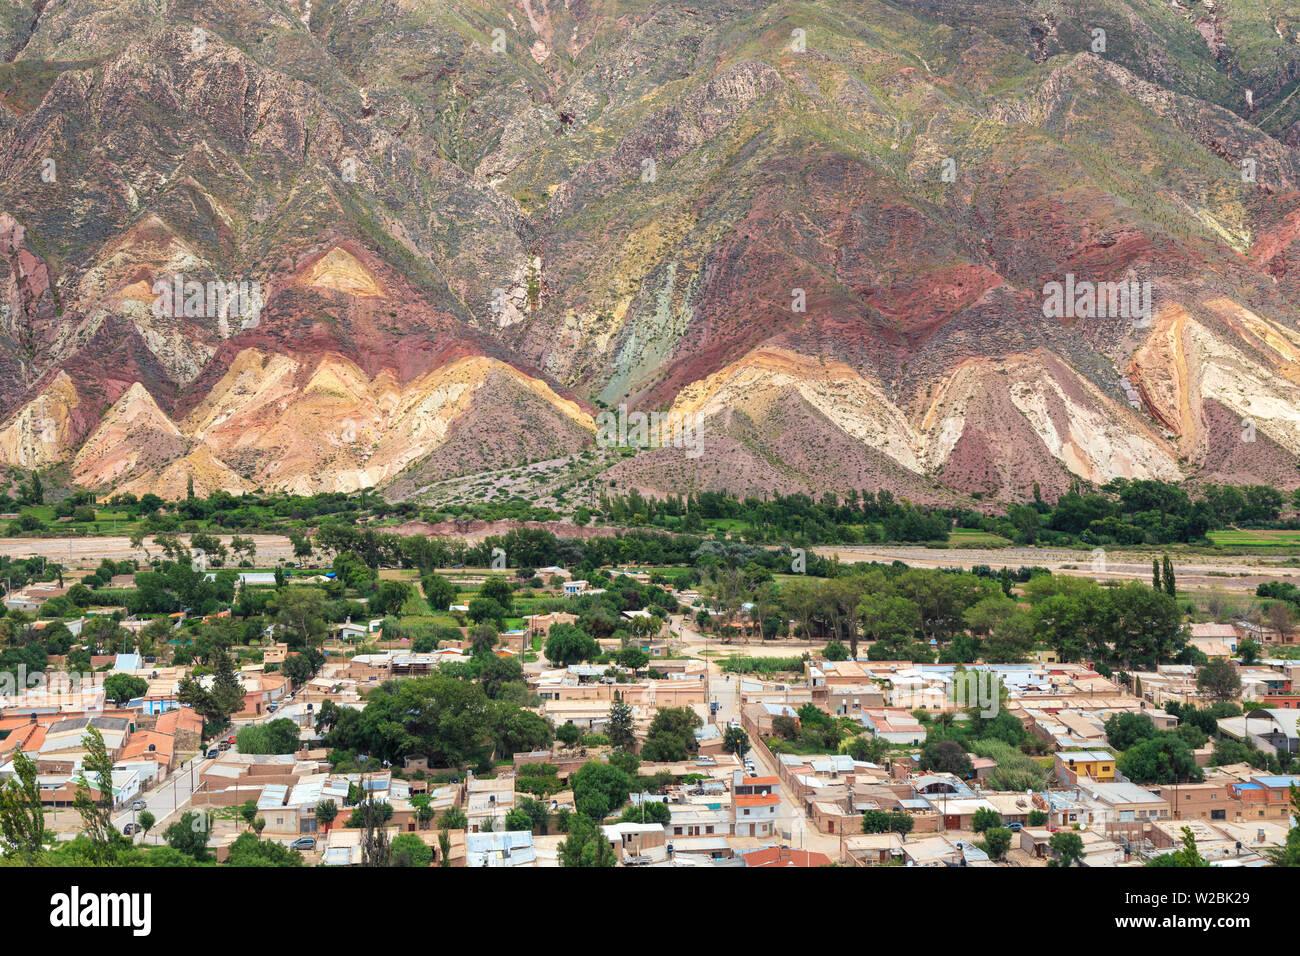 Argentina, Salta, Quebrada de Humahuaca (UNESCO Site), Sumaj Maimara Village - Stock Image